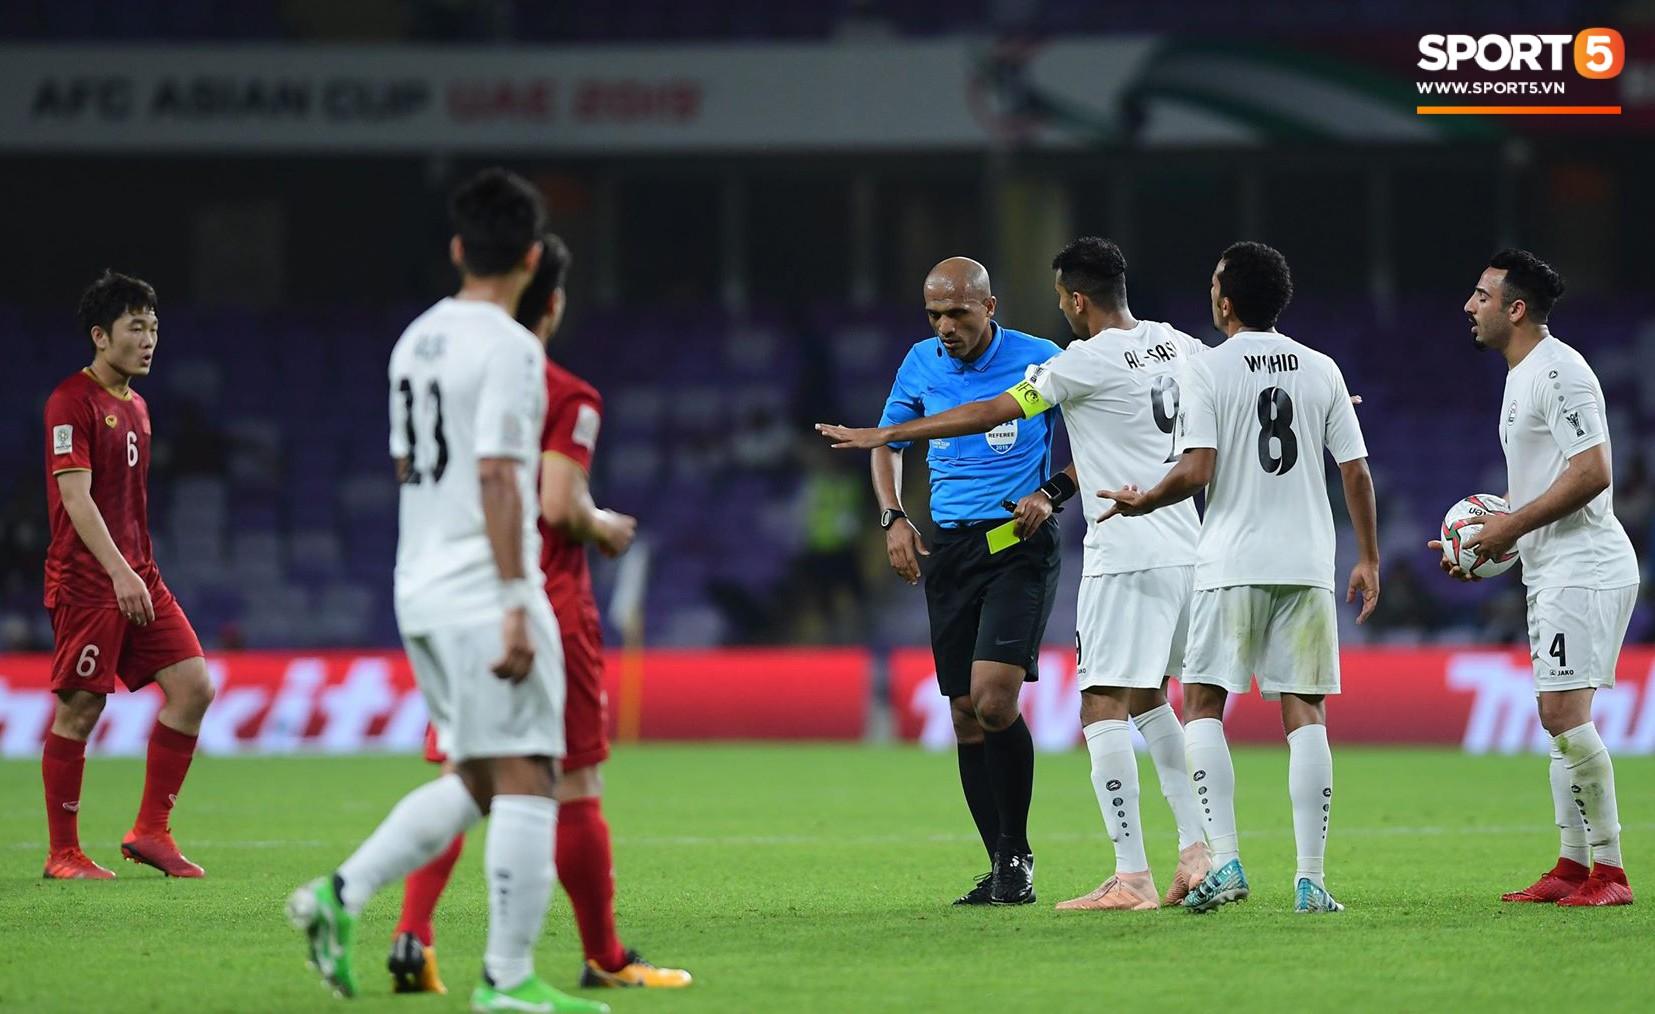 Nhân vật sáng nhất trận đấu giữa Việt Nam - Yemen trong mắt người hâm mộ Việt Nam.